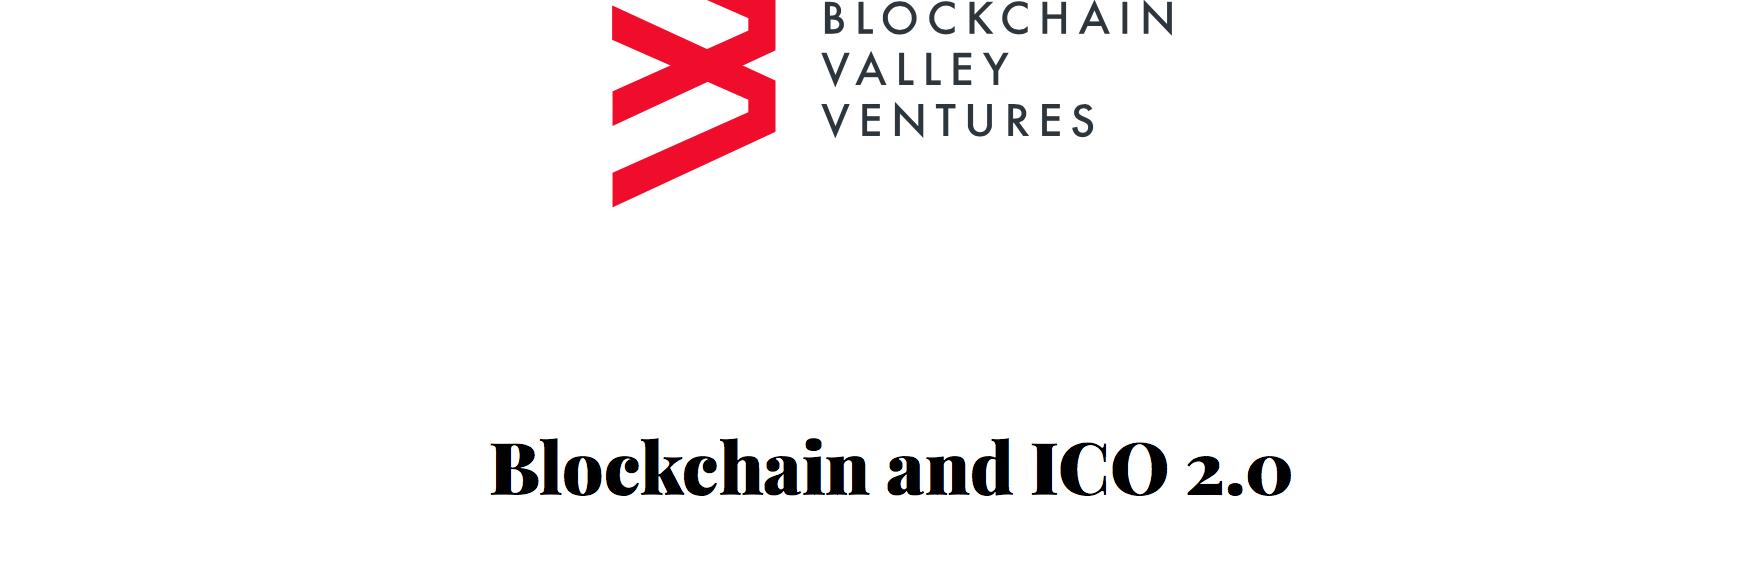 BlockchainValleyVentures.png